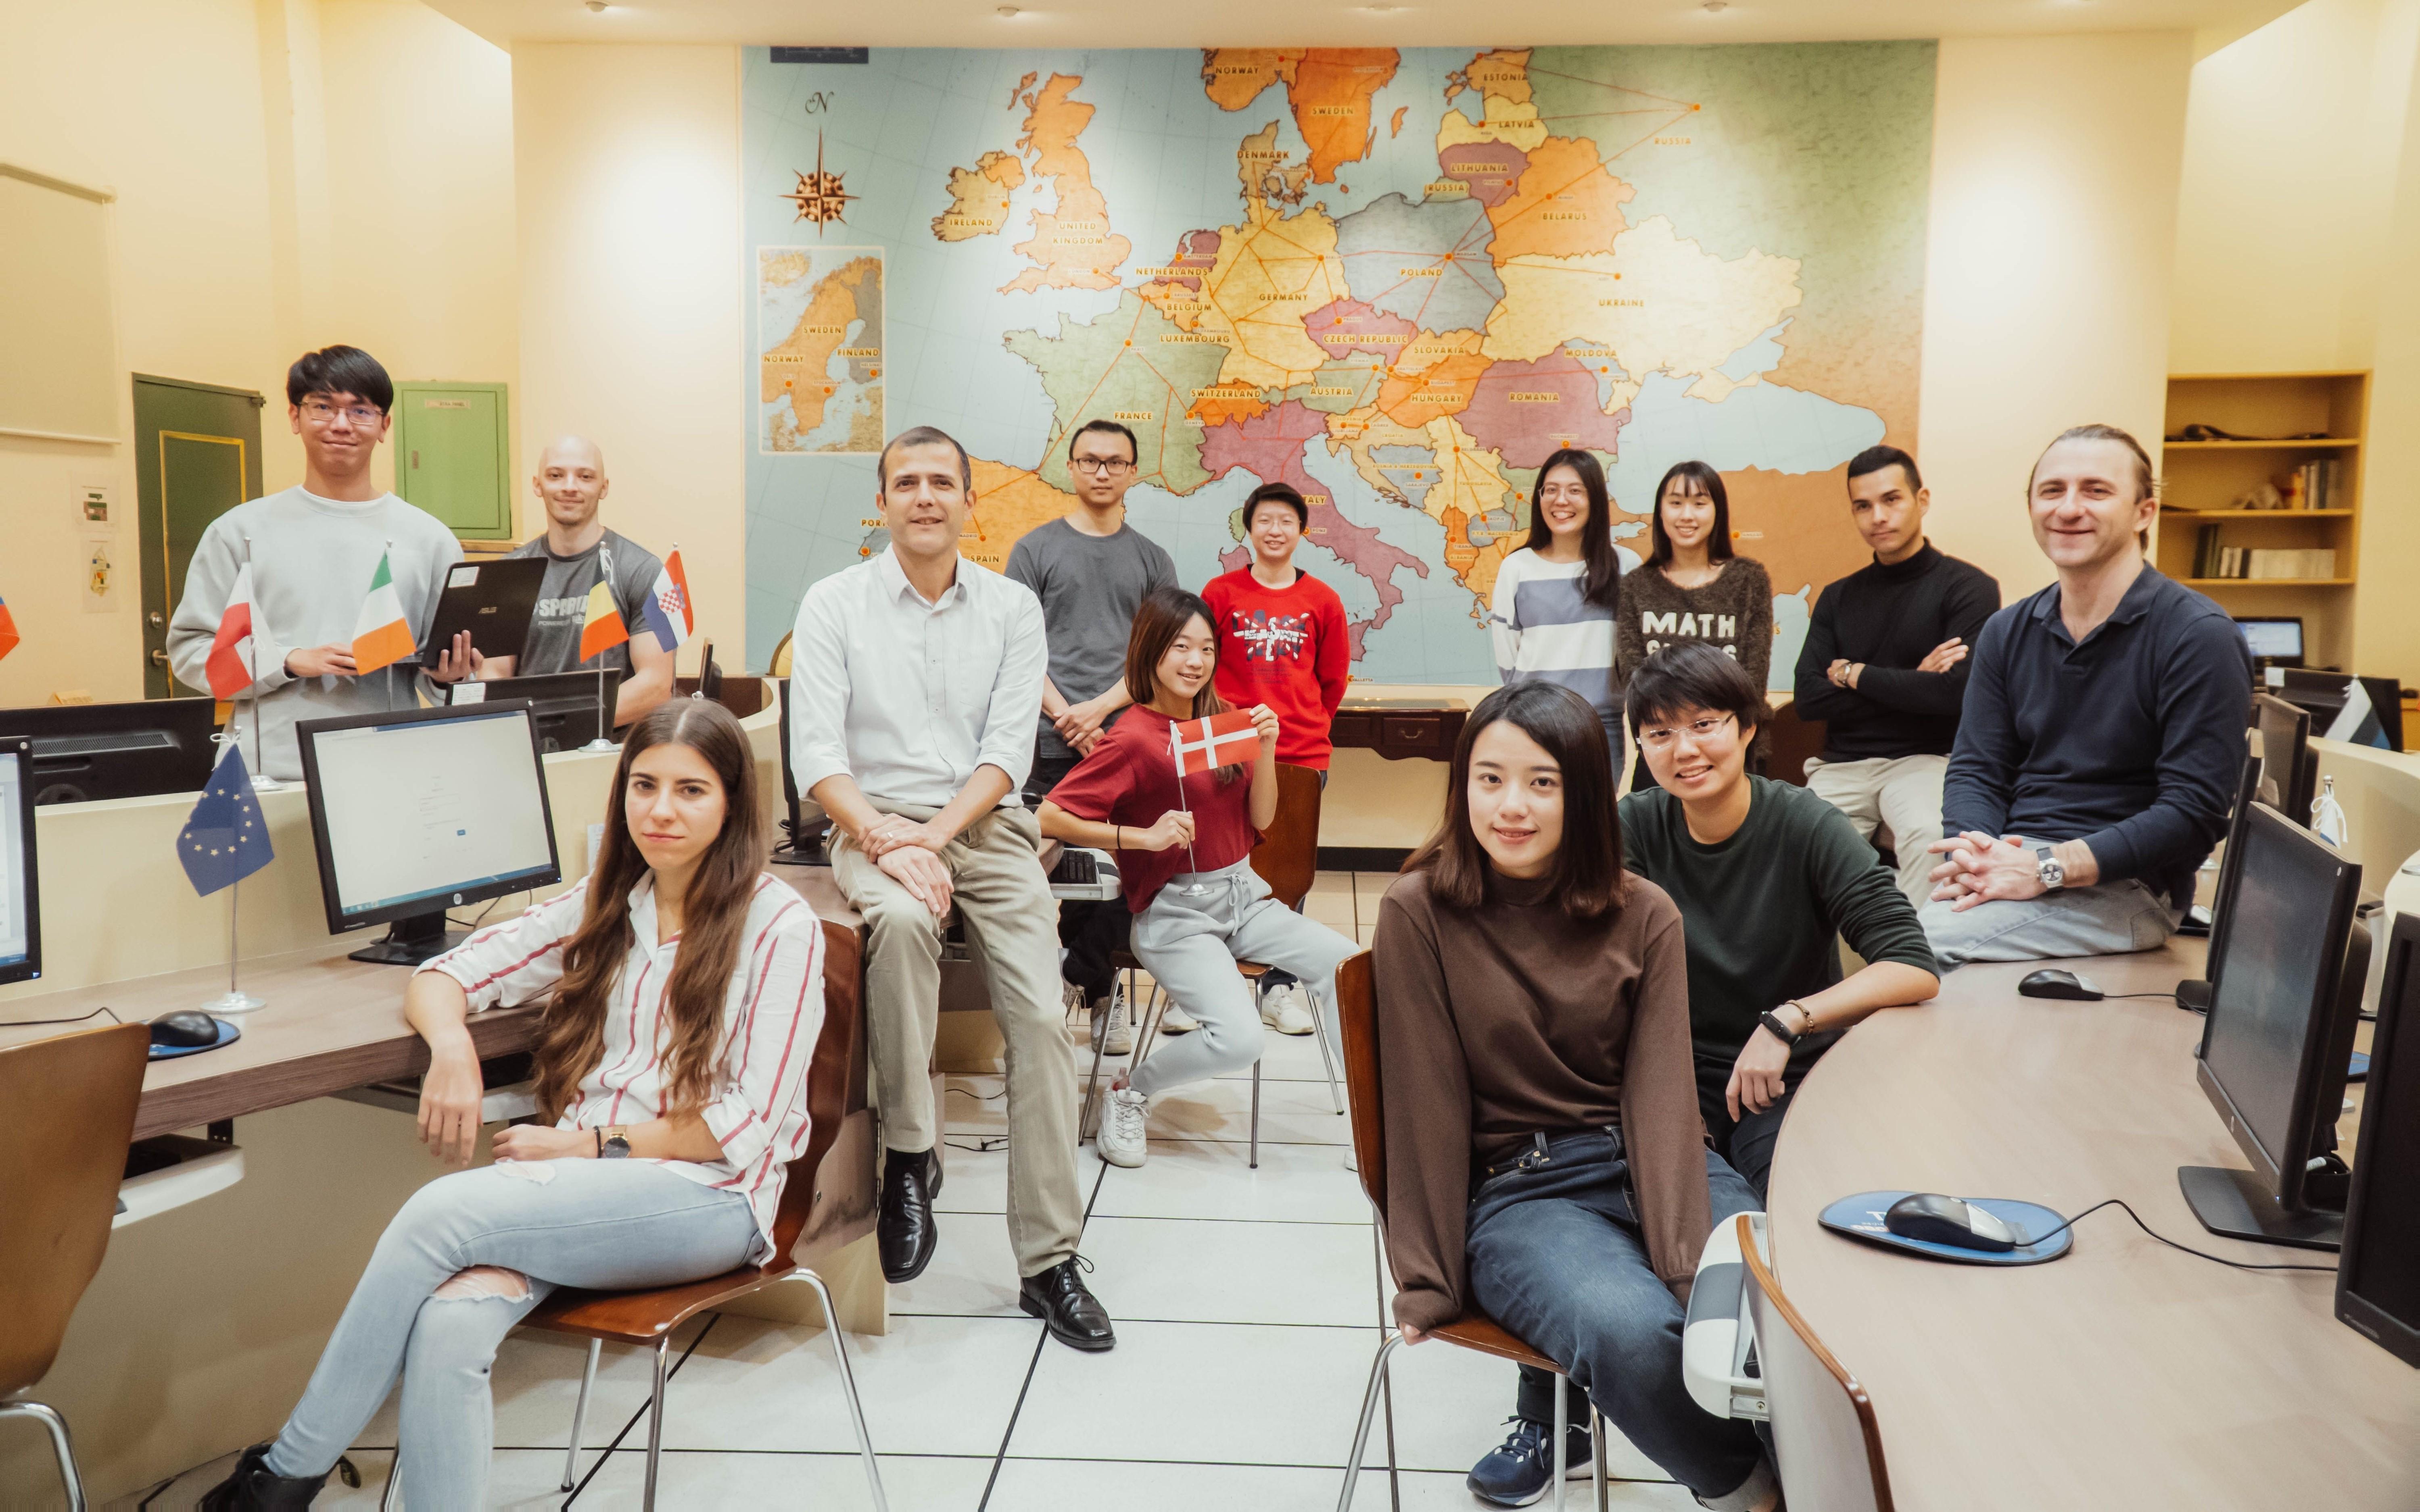 05/26/2021 文藻EMI跨域人才養成   接軌國際及產業 55年的最強王牌 Wenzao EMI cross-field talent training is the strongest trump for 55 years in line with international and industry.